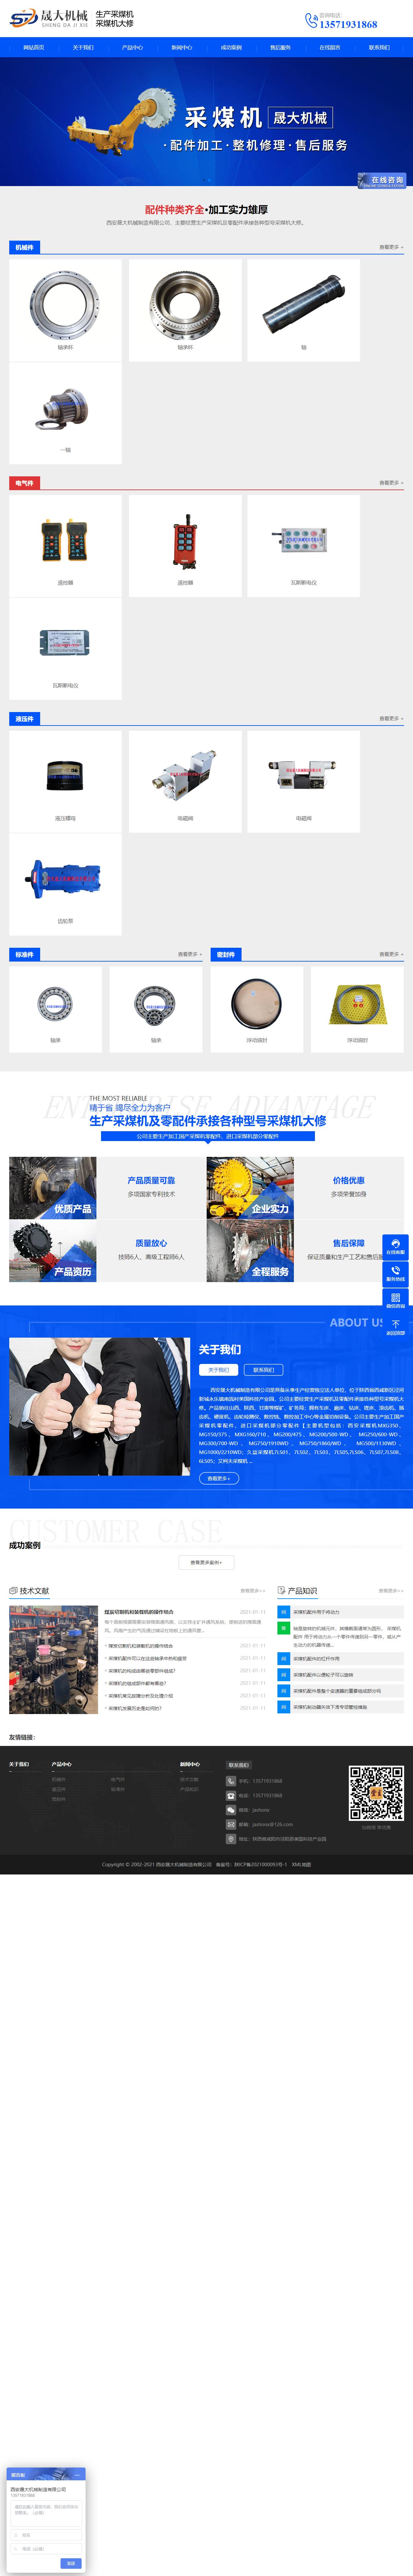 西安晟大机械制造有限公司网站案例